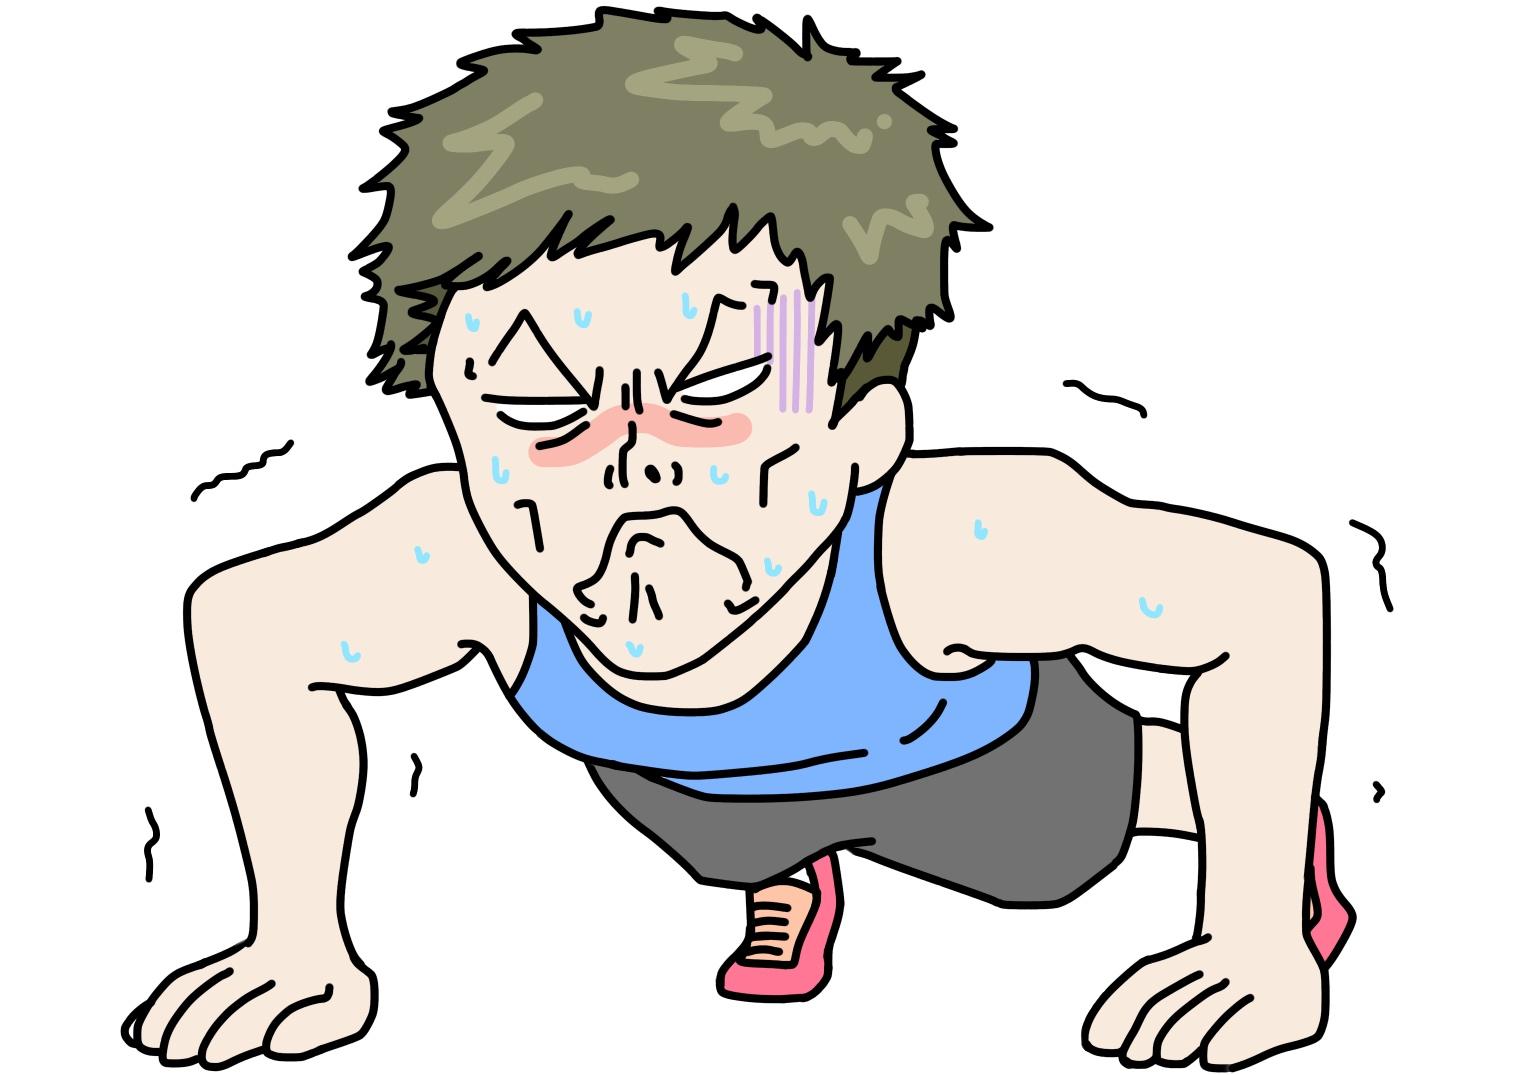 糖質制限とジョギング&筋トレ2カ月で10kg減を達成